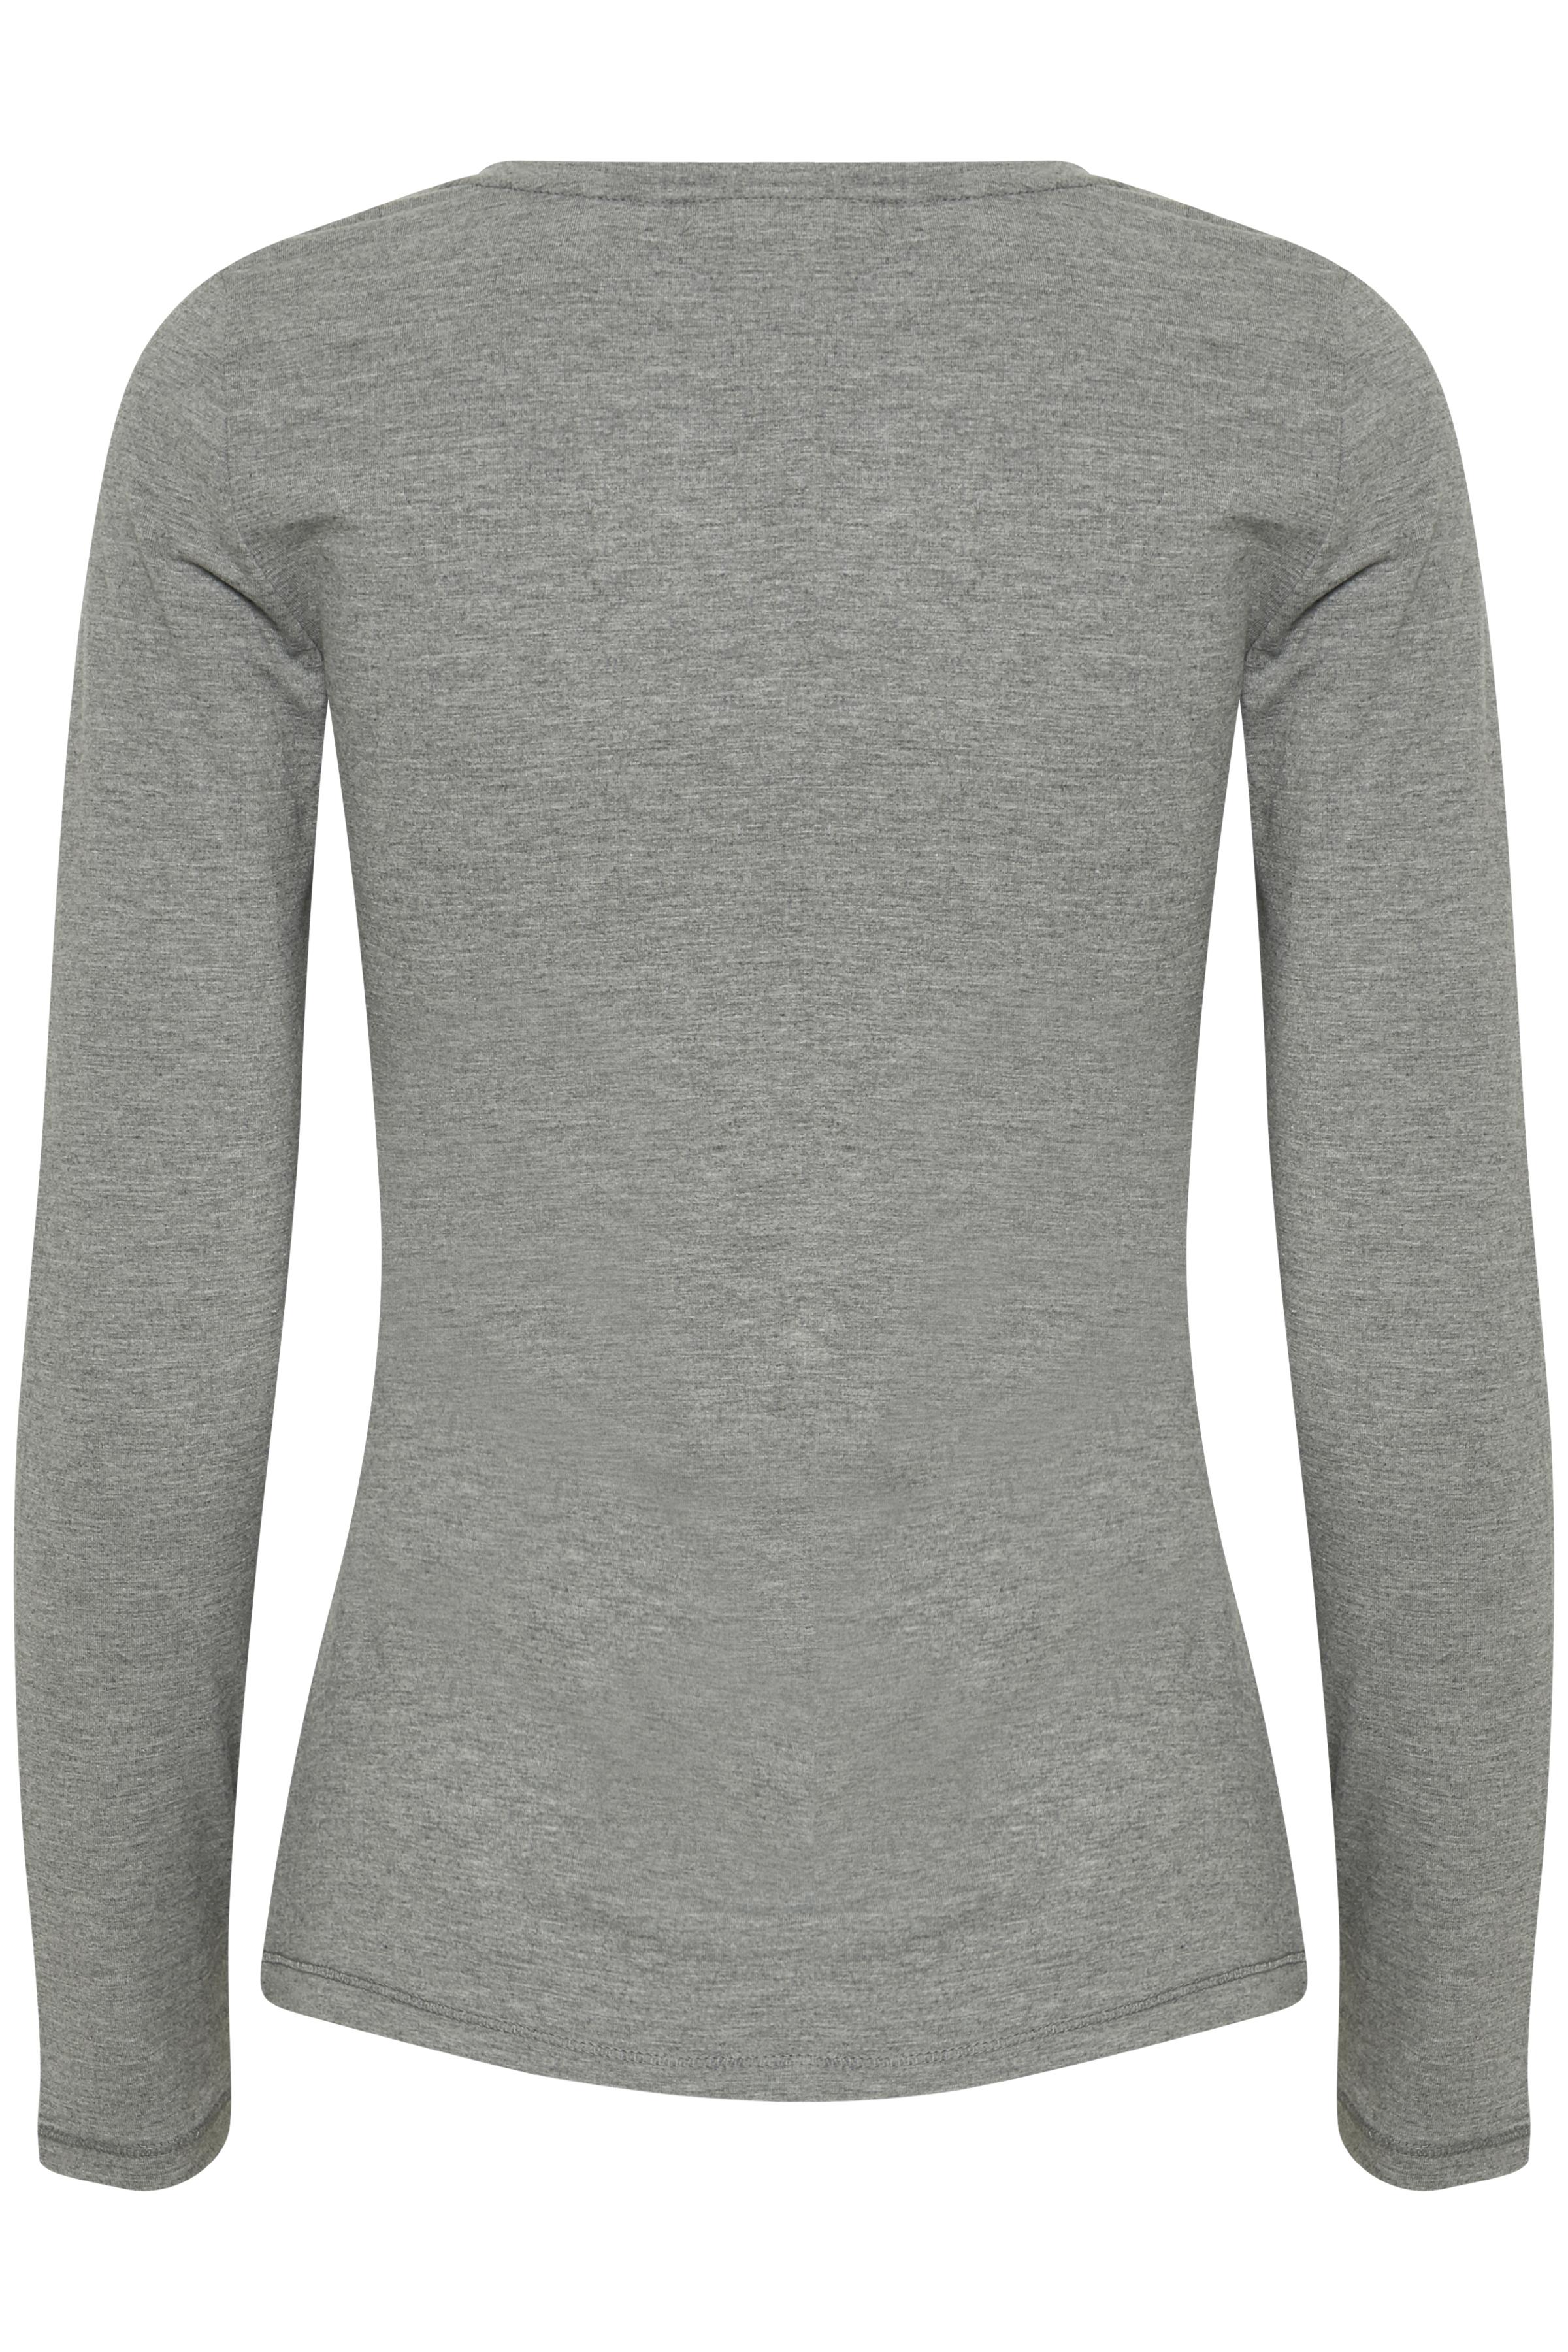 Grijsgemêleerd T-shirt lange mouw van Fransa – Door Grijsgemêleerd T-shirt lange mouw van maat. XS-XXL hier